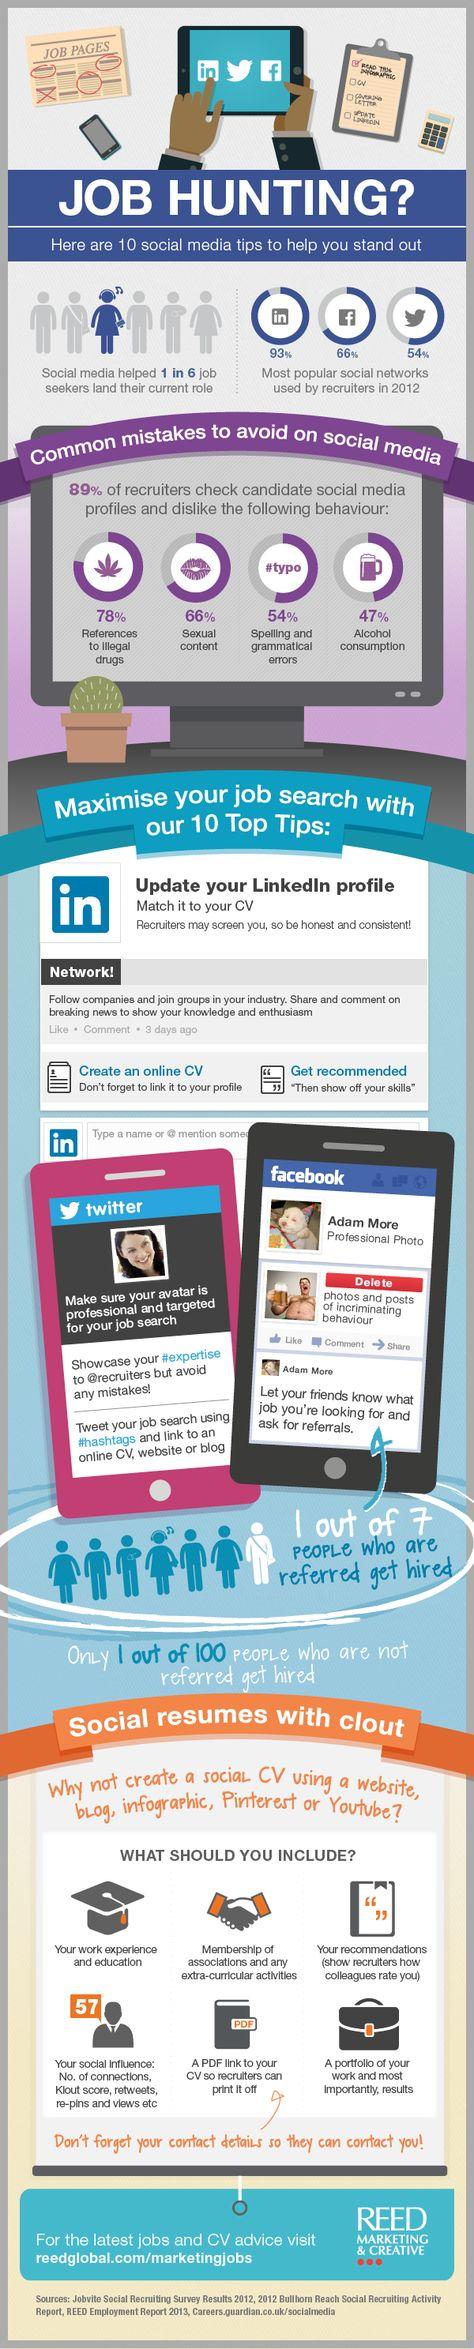 Mejores 24 imágenes de Finding jobs and Job leads en Pinterest ...